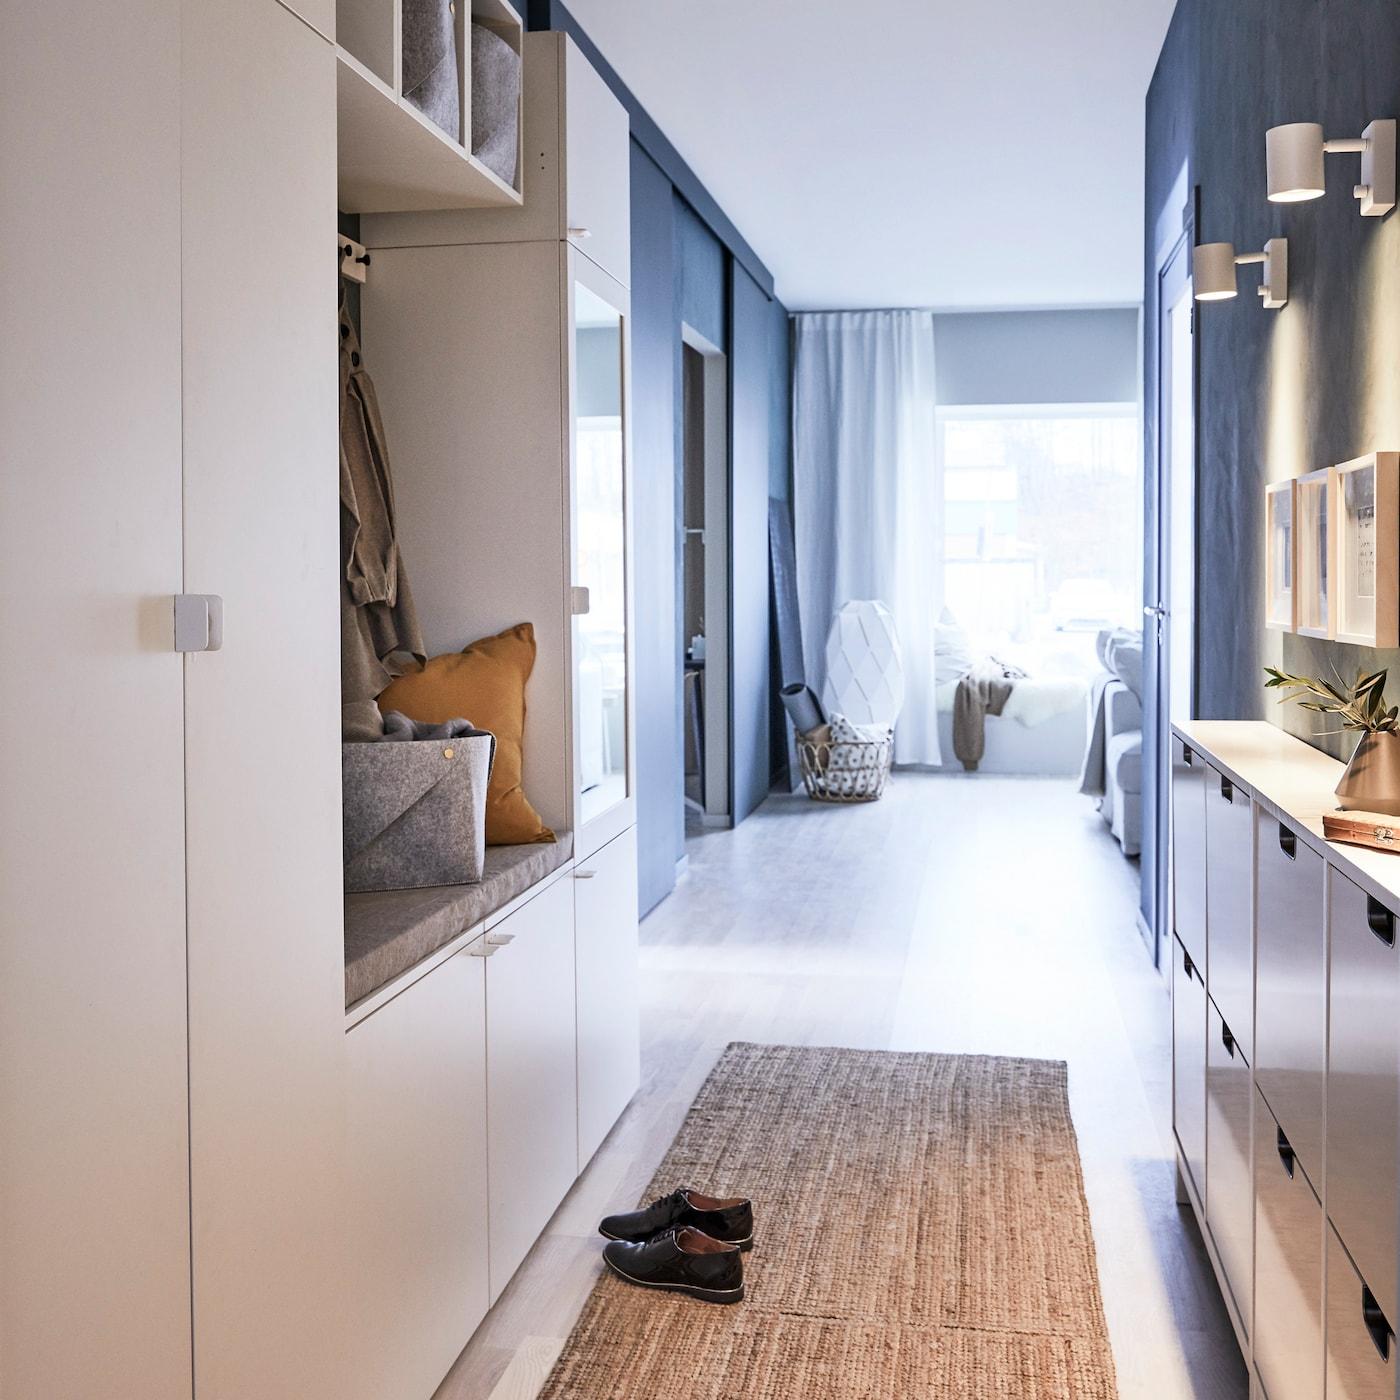 宜家 PLATSA 普拉萨 白色涂漆木质衣柜和收纳系列可以在门厅中打造出整洁有序的空间,空间再小也不怕。